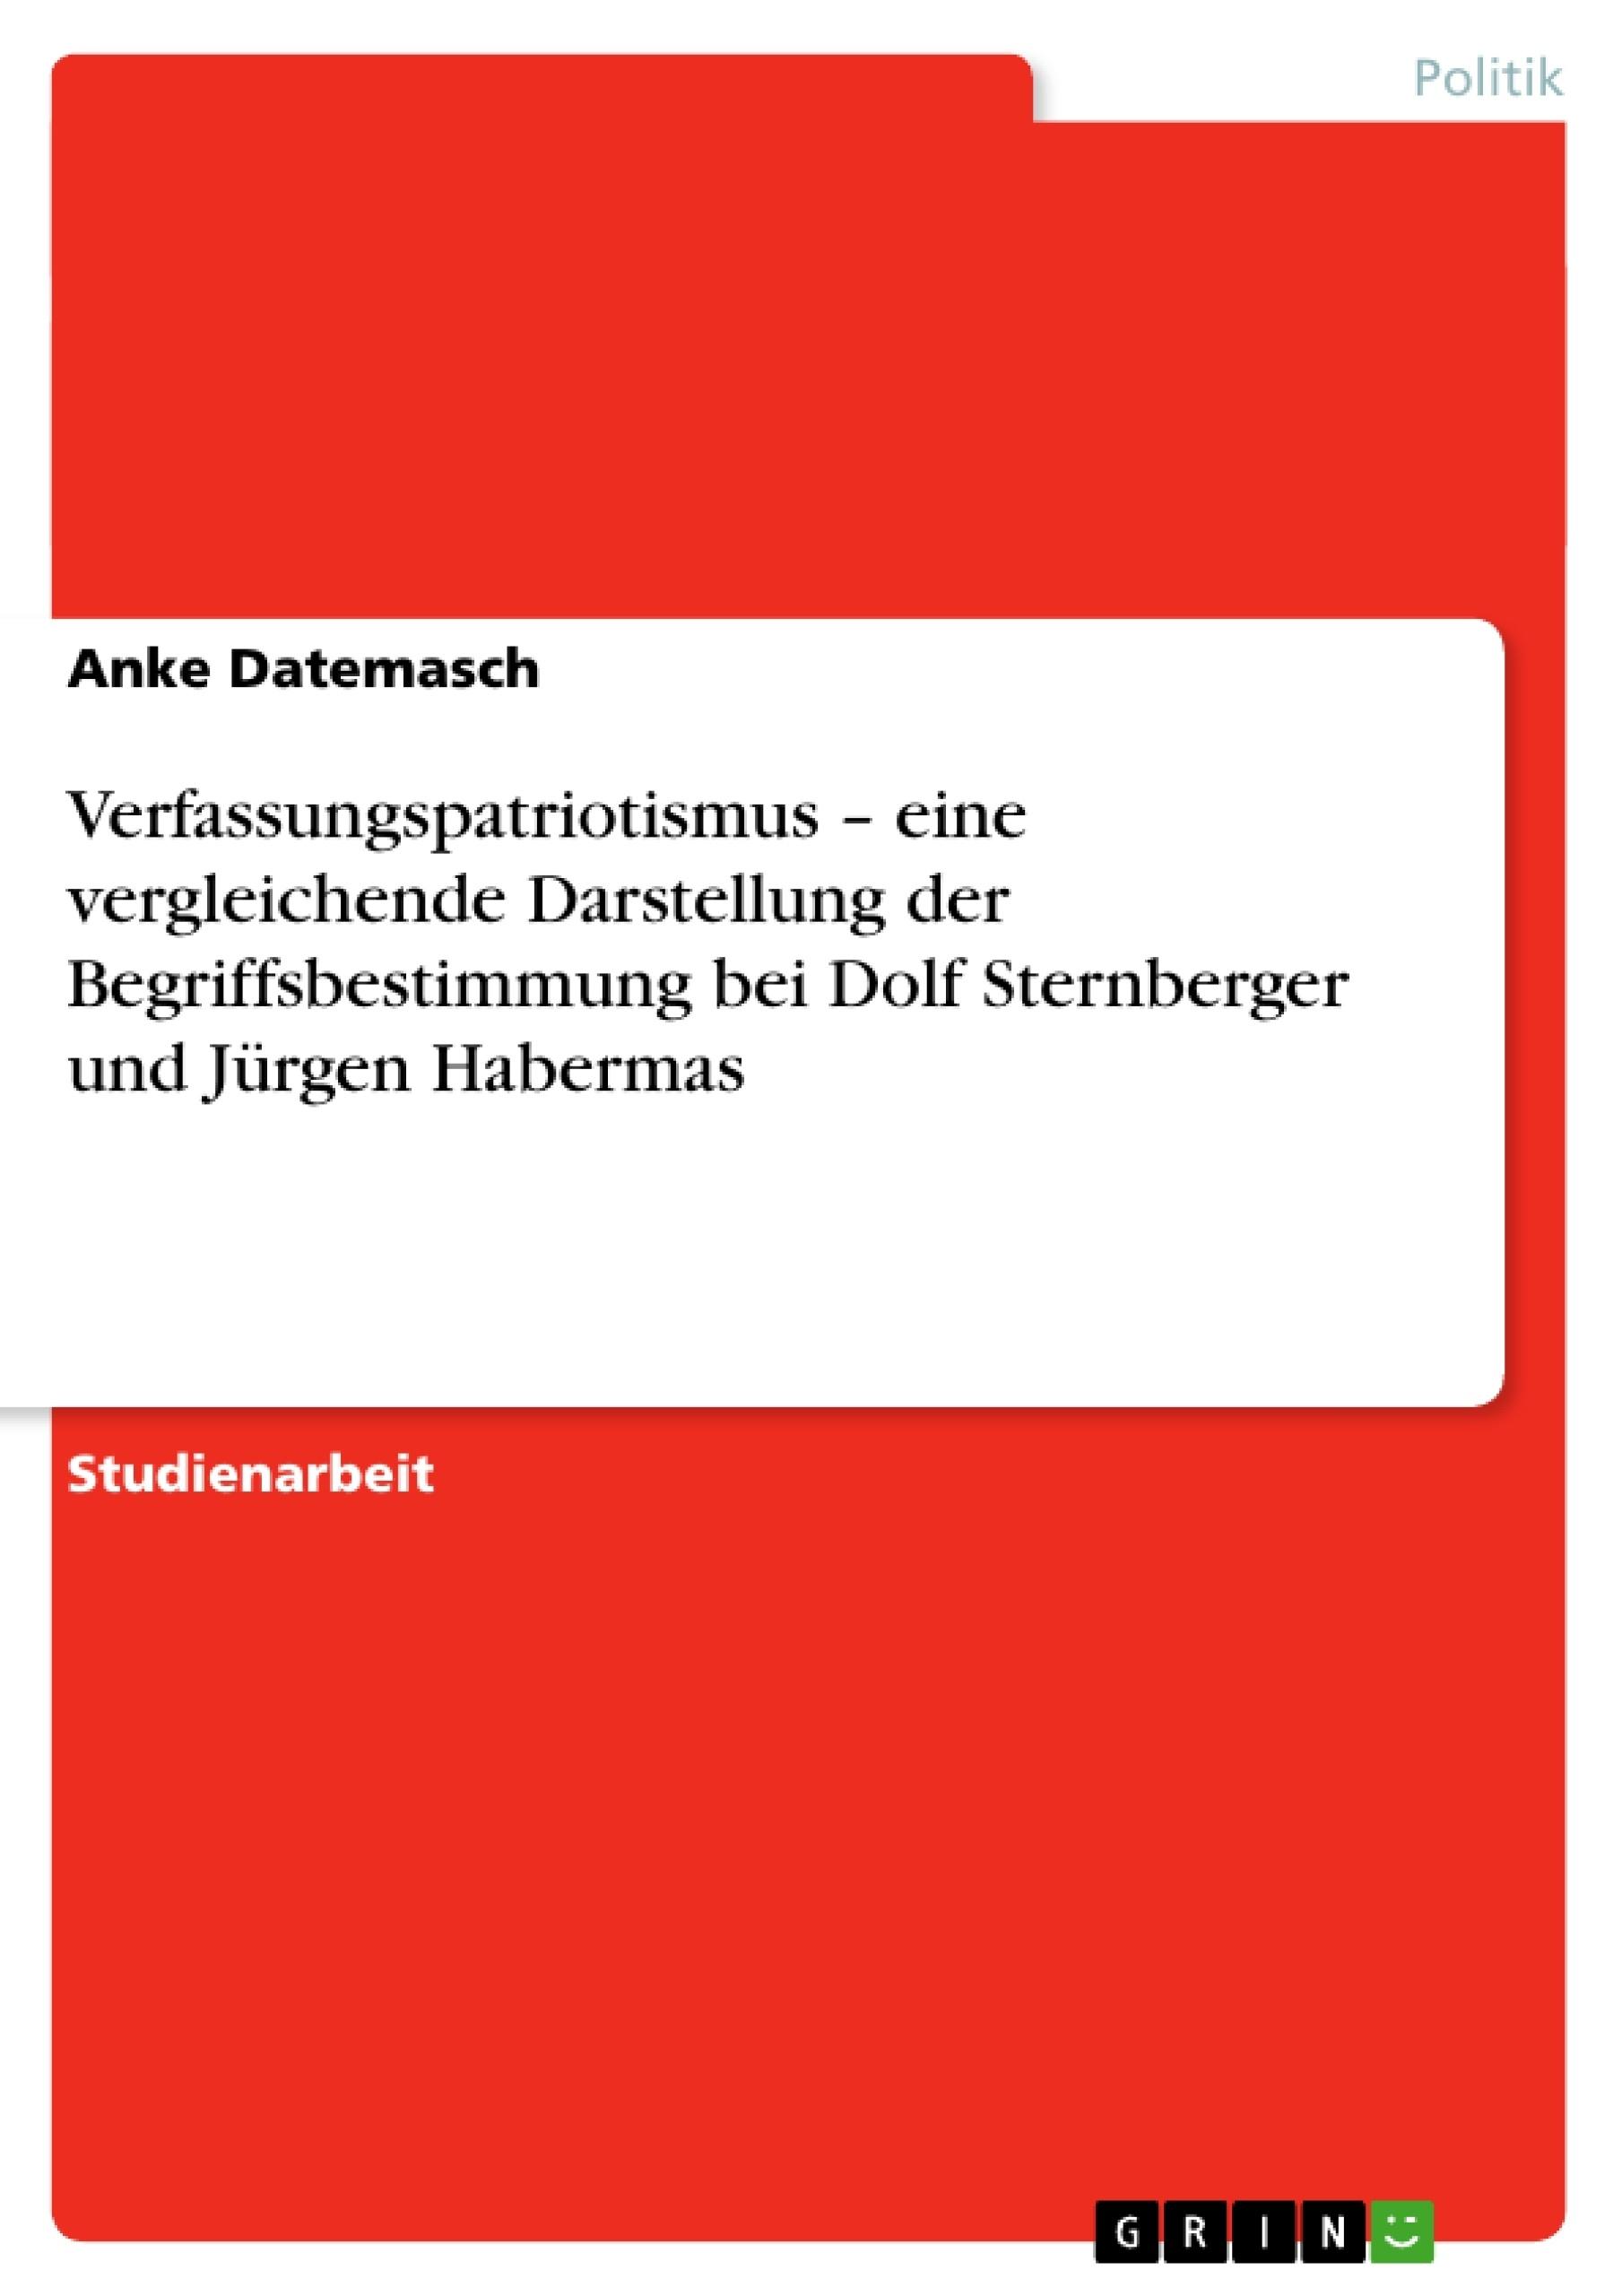 Titel: Verfassungspatriotismus – eine vergleichende Darstellung der Begriffsbestimmung bei Dolf Sternberger und Jürgen Habermas